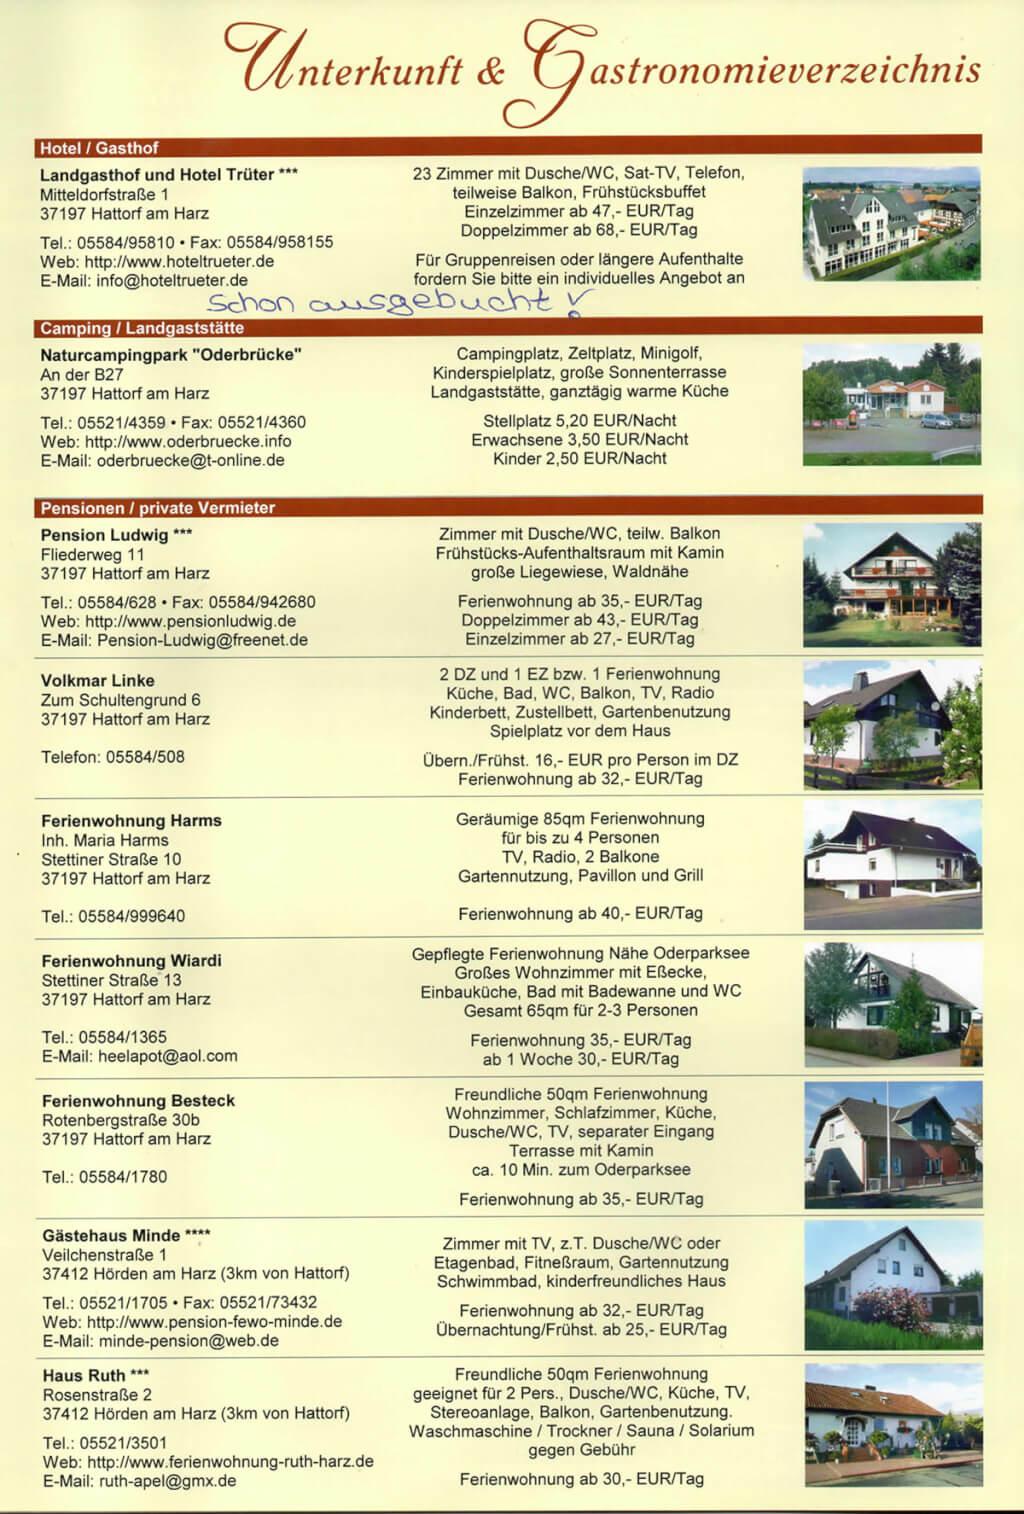 Hotelliste Sommertagung 2018